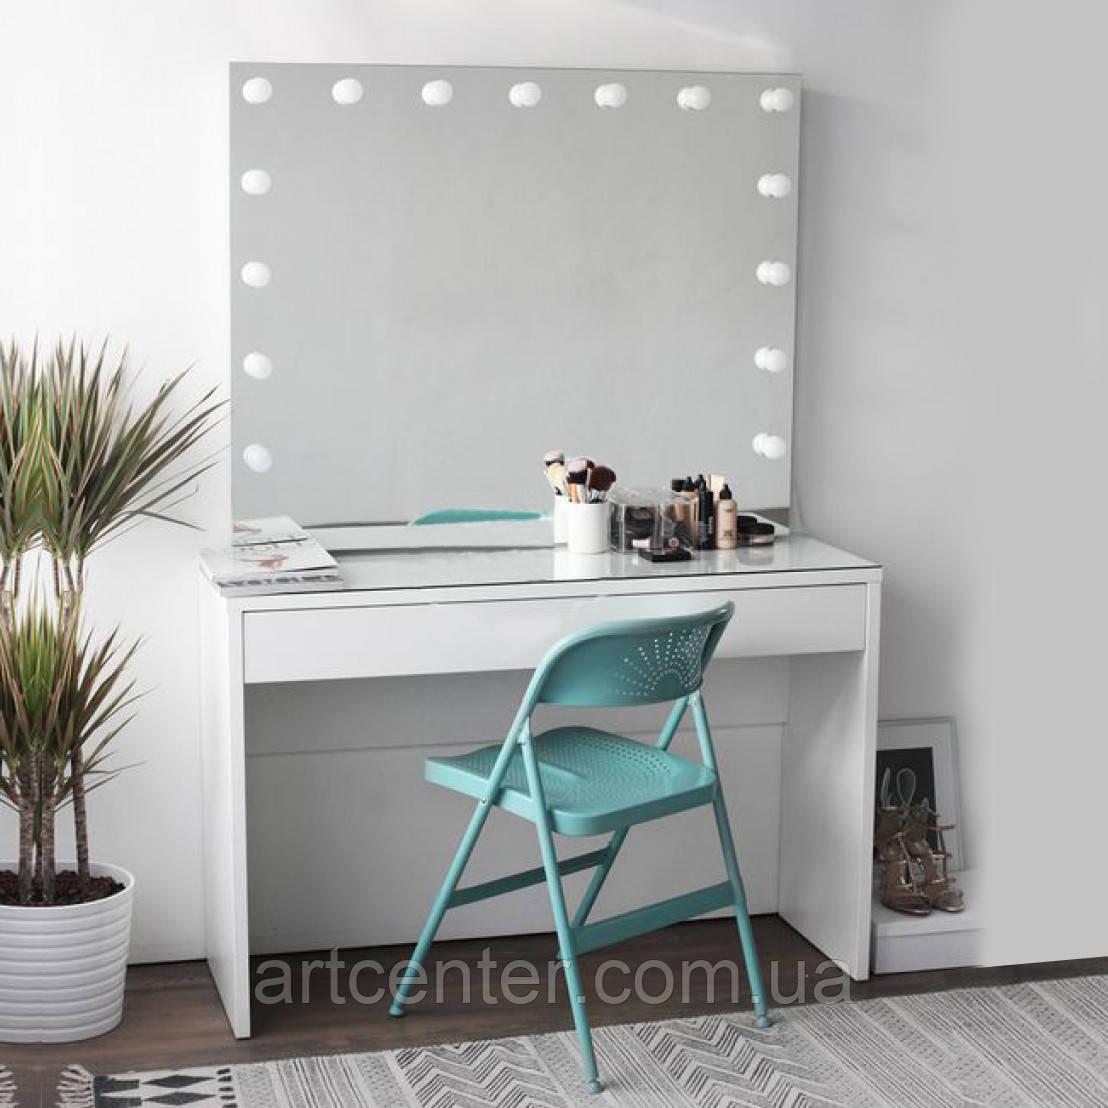 Классический гримерный стол, туалетный стол с гримерным зеркалом, стол визажиста